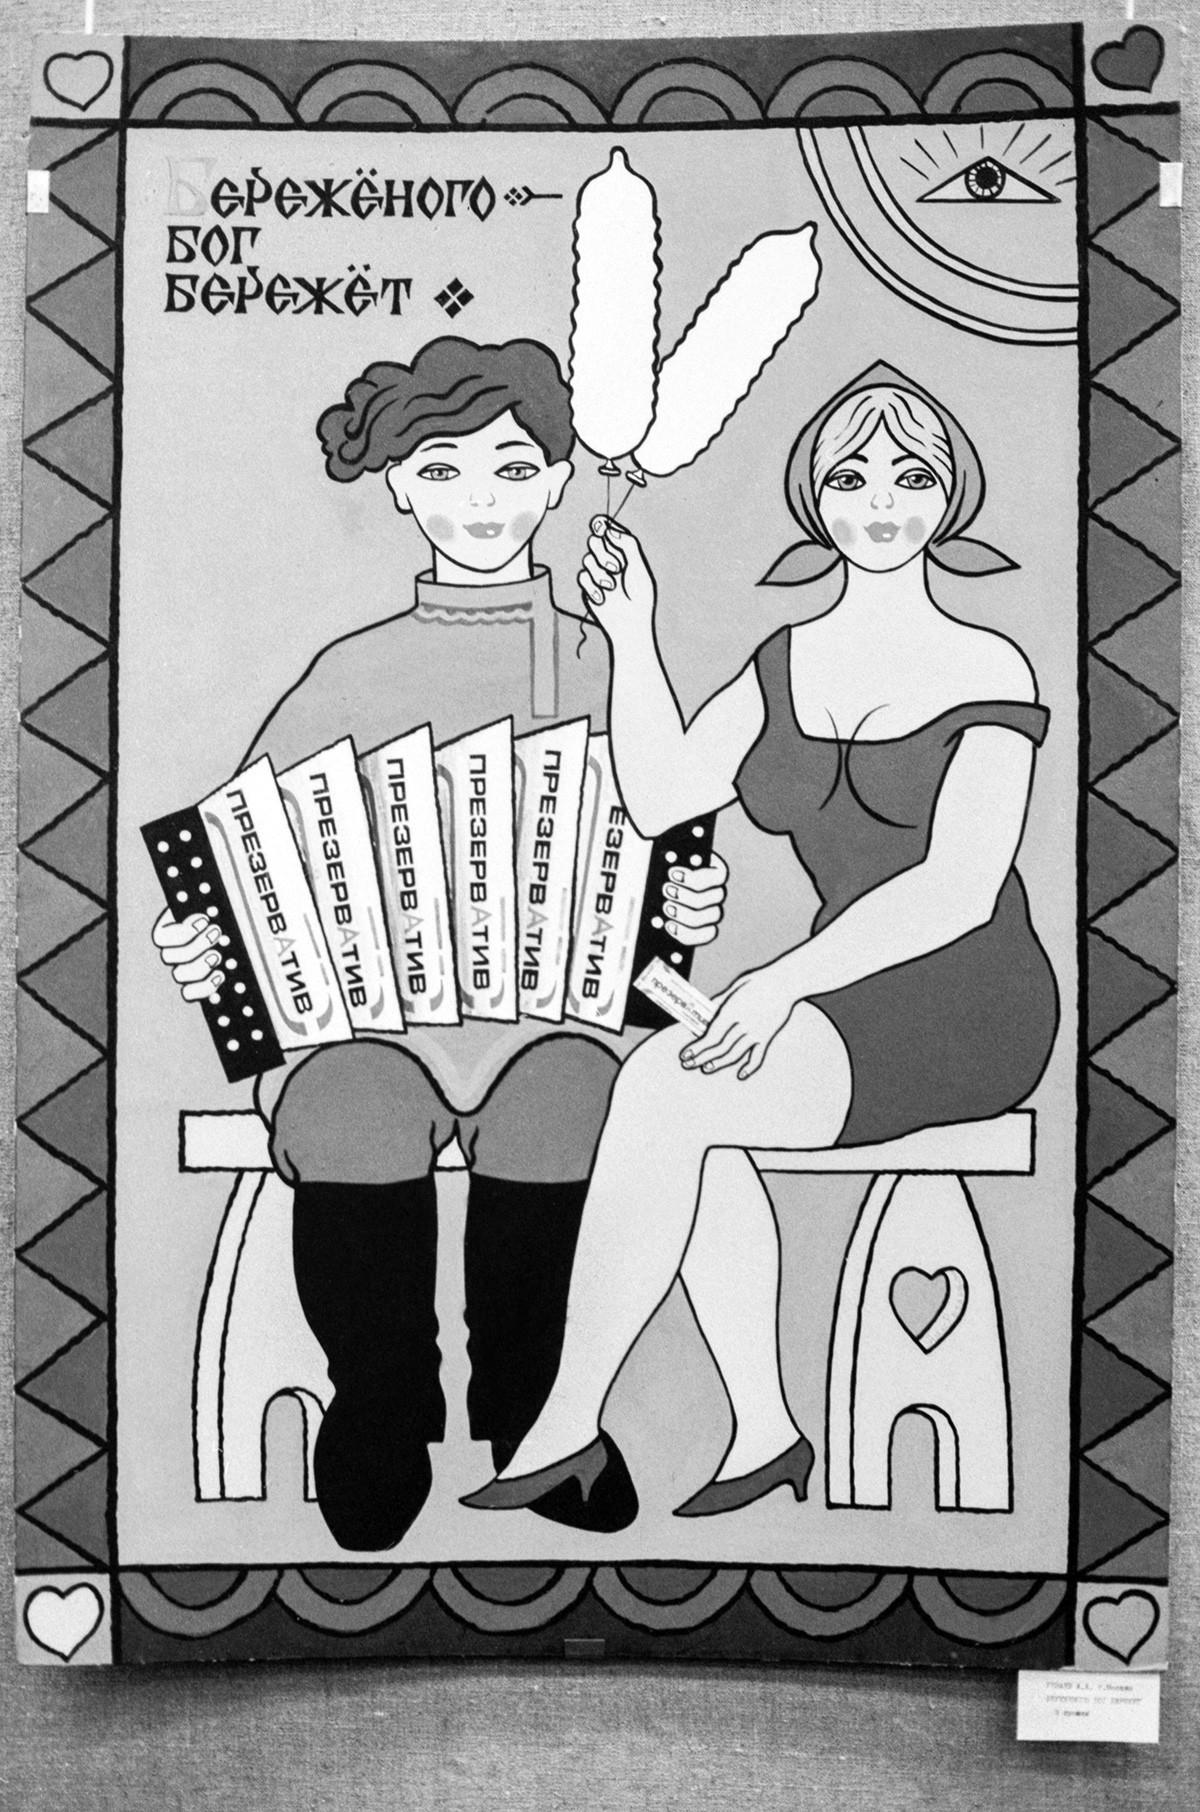 """СССР, Москва. 2 фебруар 1991. Плакат уметника А. Акмајева """"Ко се чува и Бог га чува"""" на изложби плаката."""